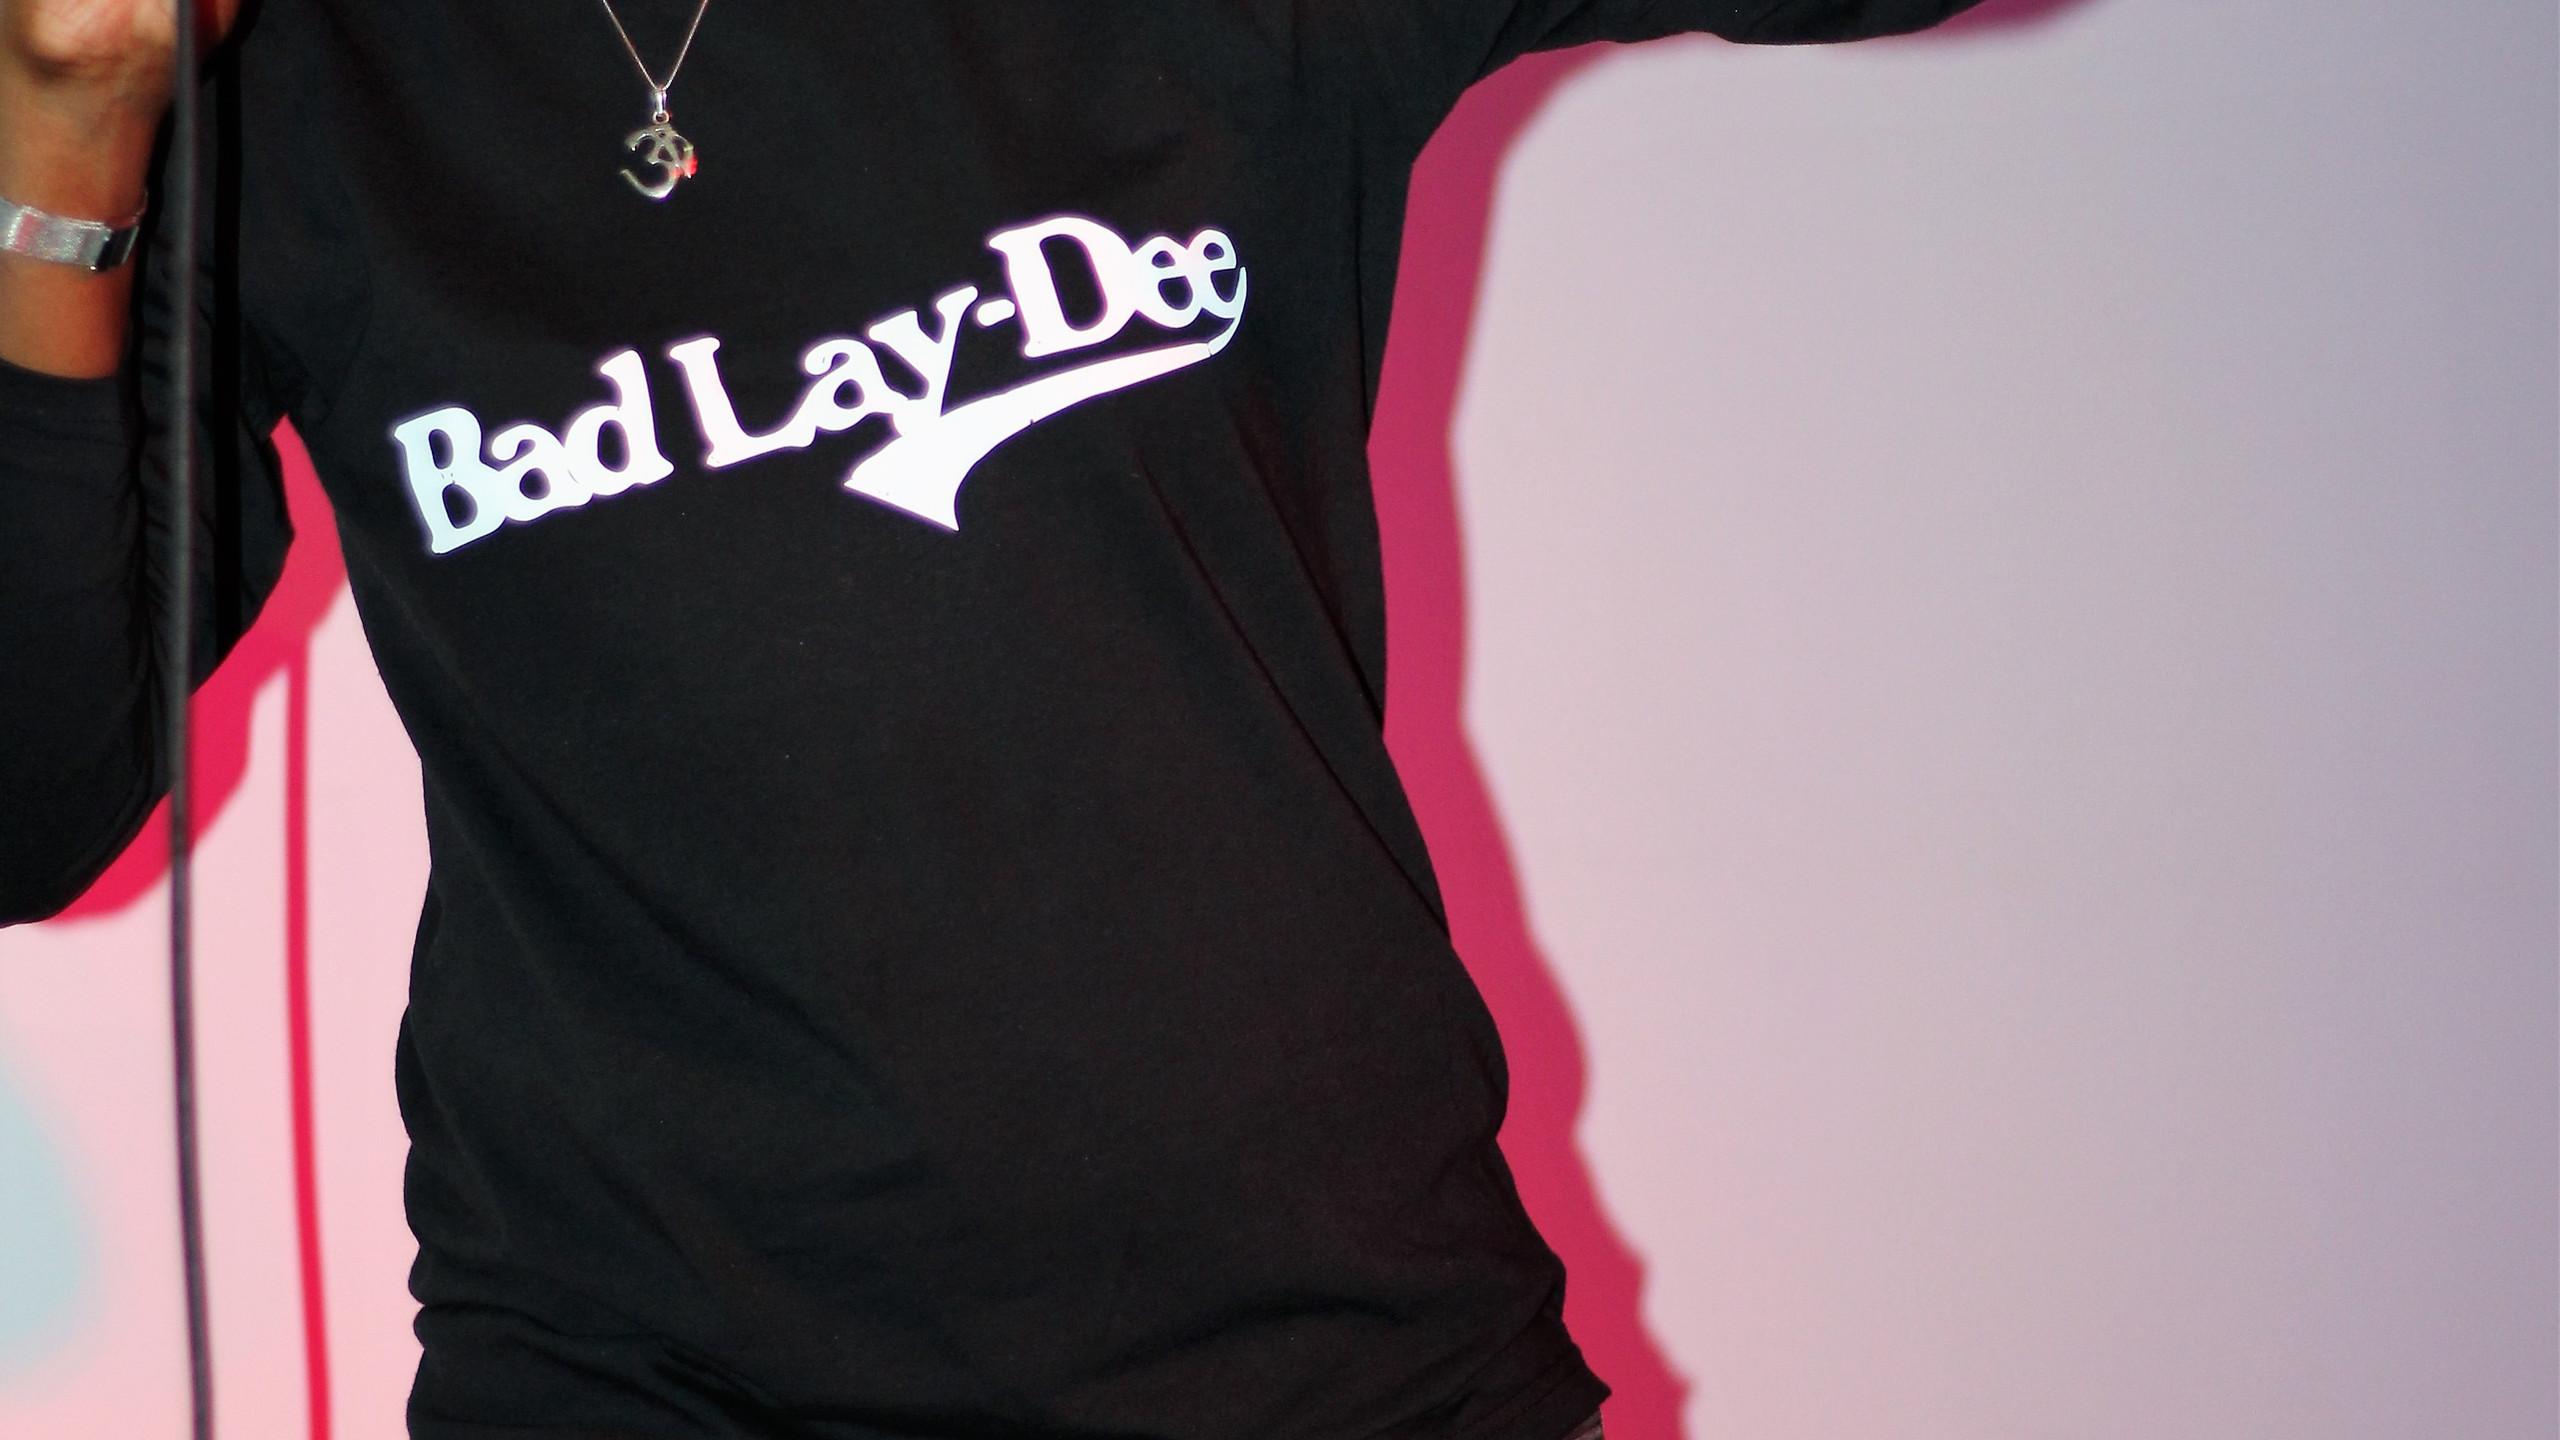 Bad Laydee